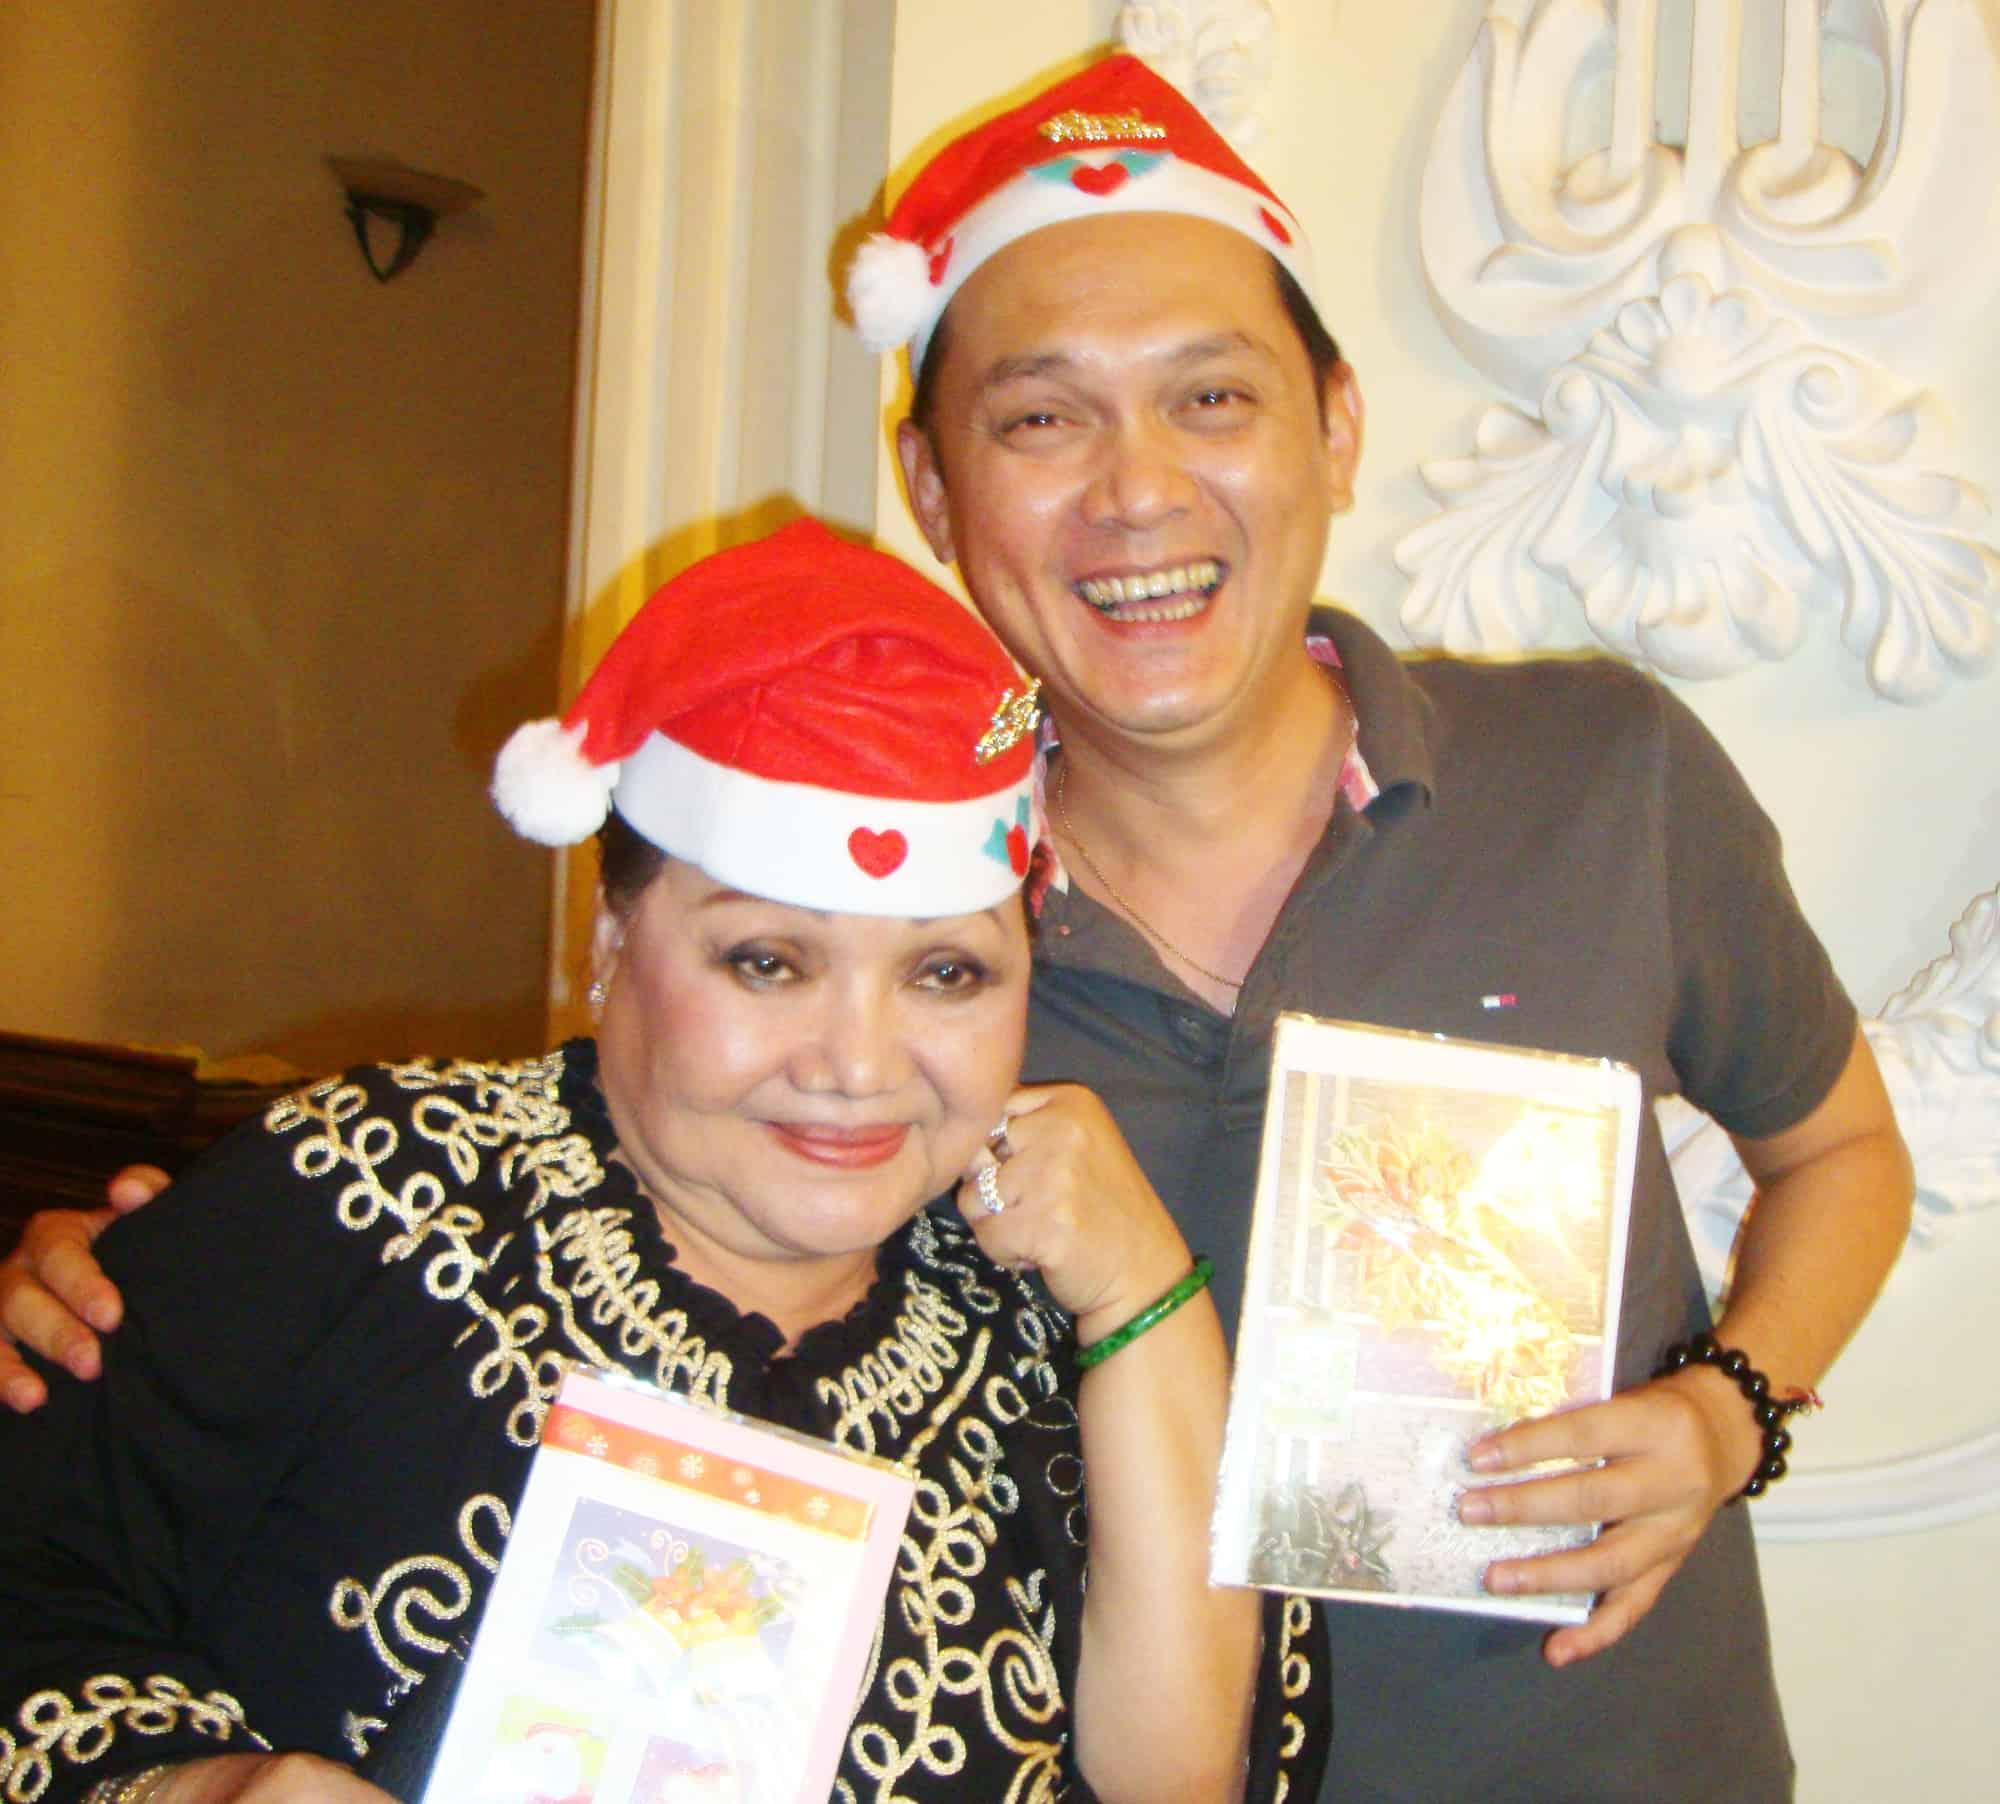 NSND Ngọc Giàu, NS Mạc Can, Việt Hương mang niềm vui san sẻ trong mùa Giáng sinh - Ảnh 1.